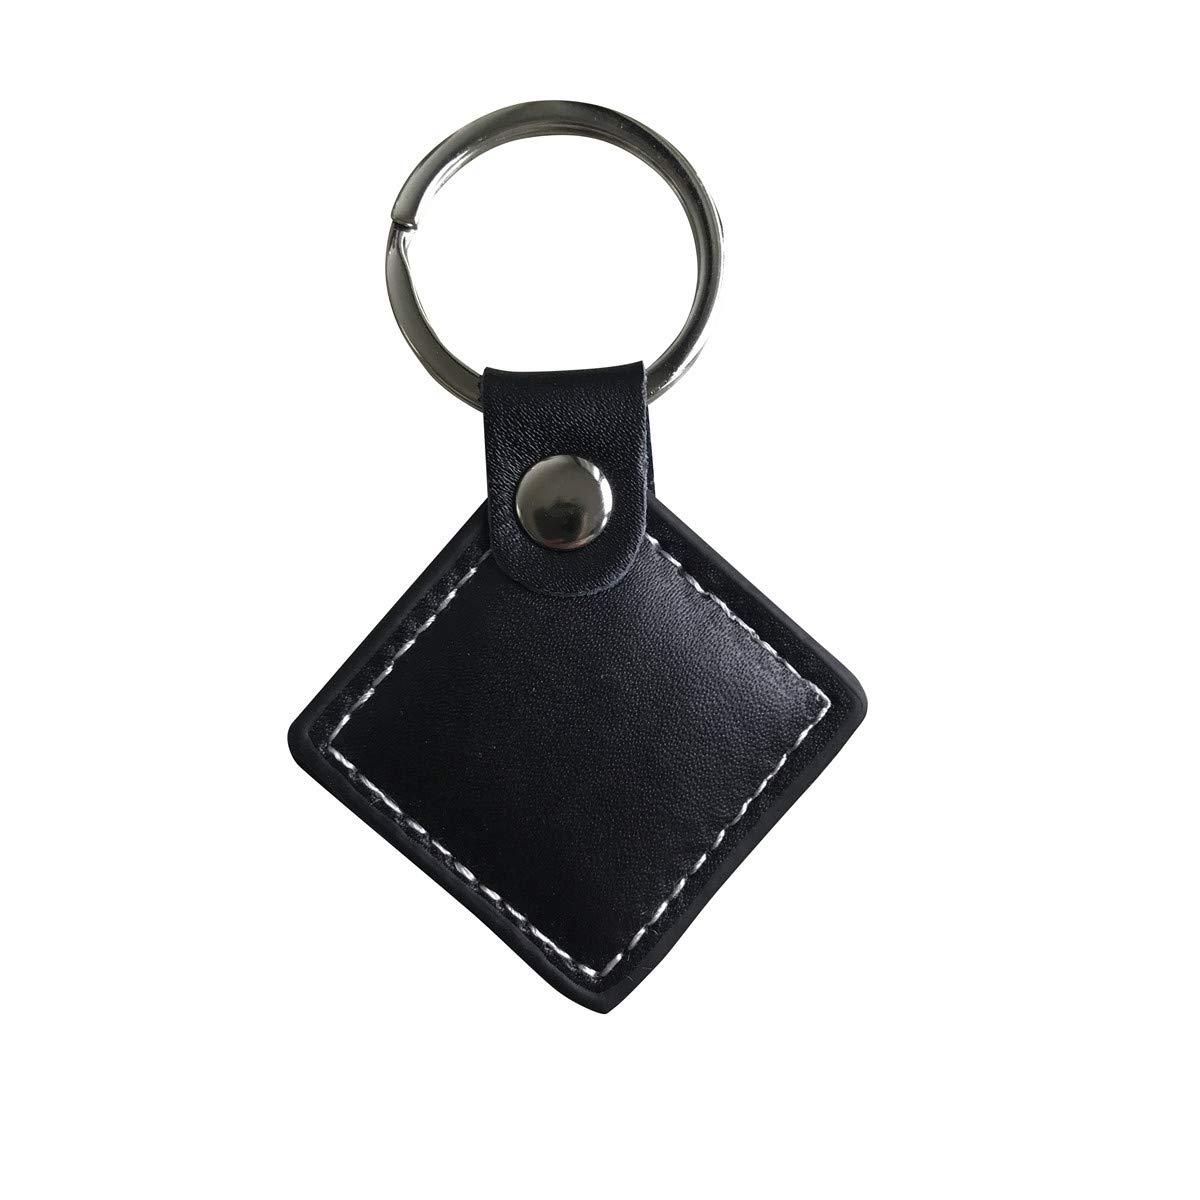 YARONGTECH 125KHz EM4100 RFID de piel sólo lectura marrón color llavero (Pack de 2)